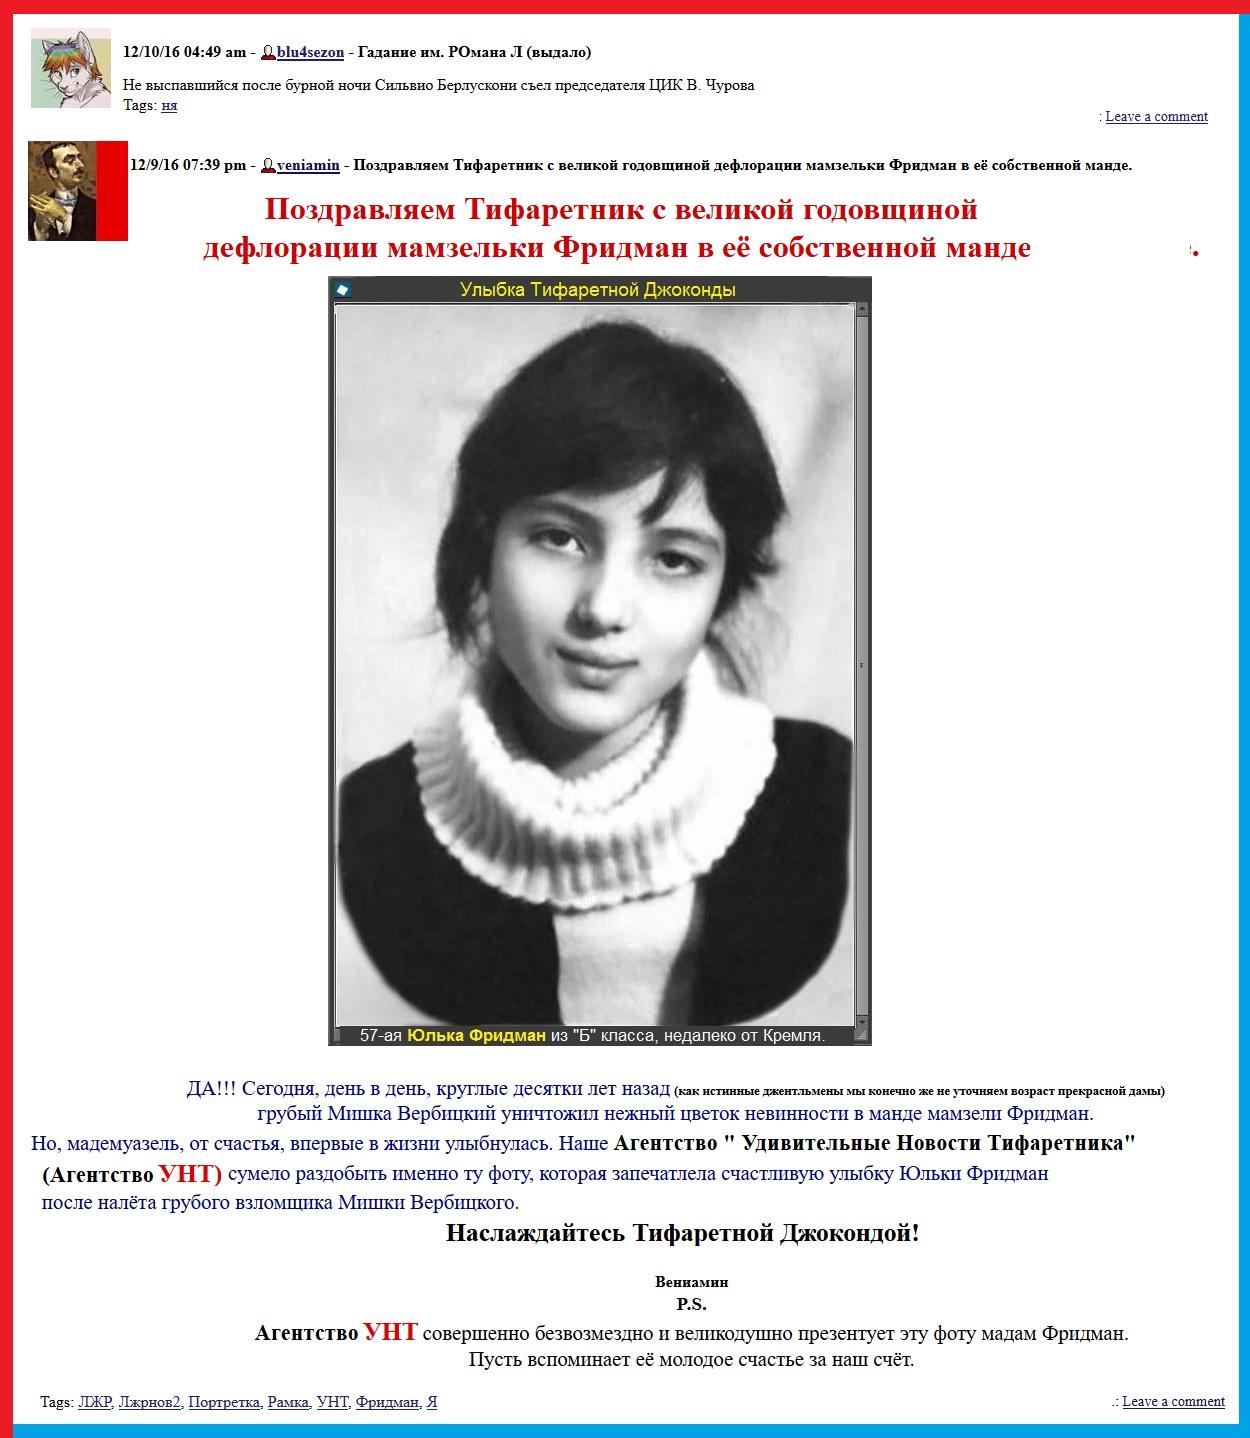 ПАНК и идиоты Фридман и Вербицкий, комменты, Перекрытие